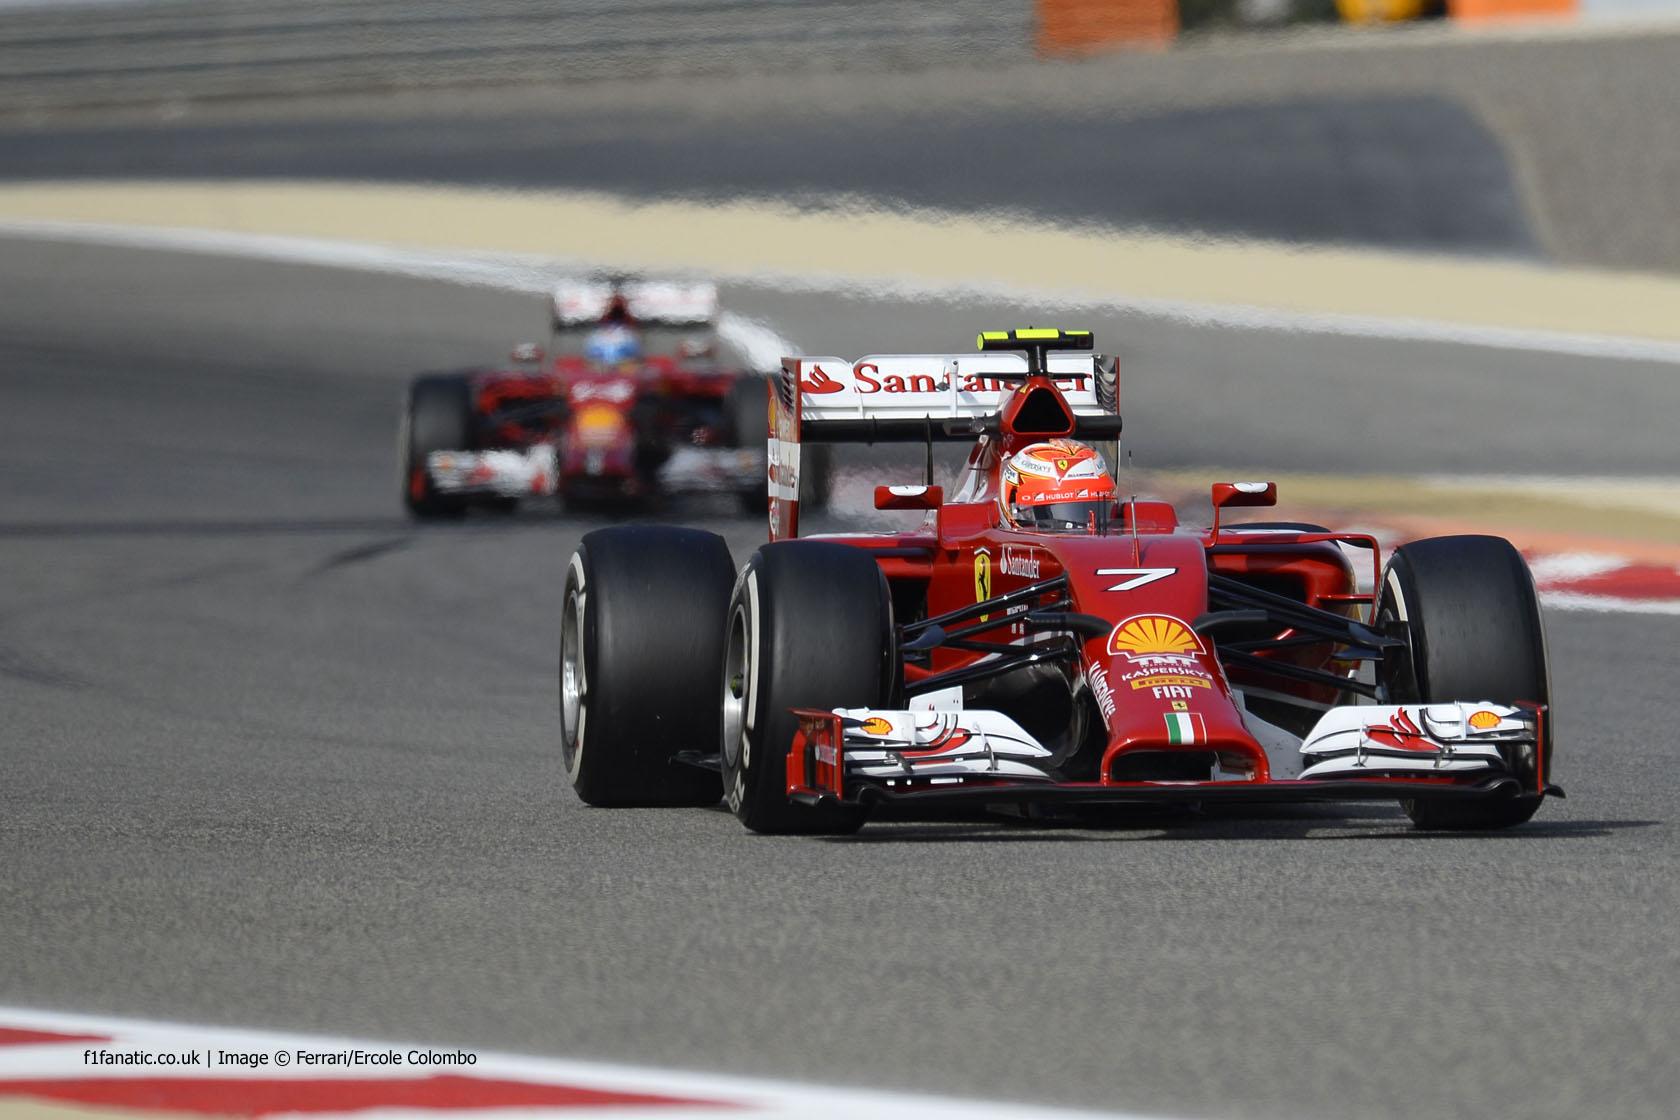 Kimi Raikkonen, Ferrari, Bahrain International Circuit, 2014